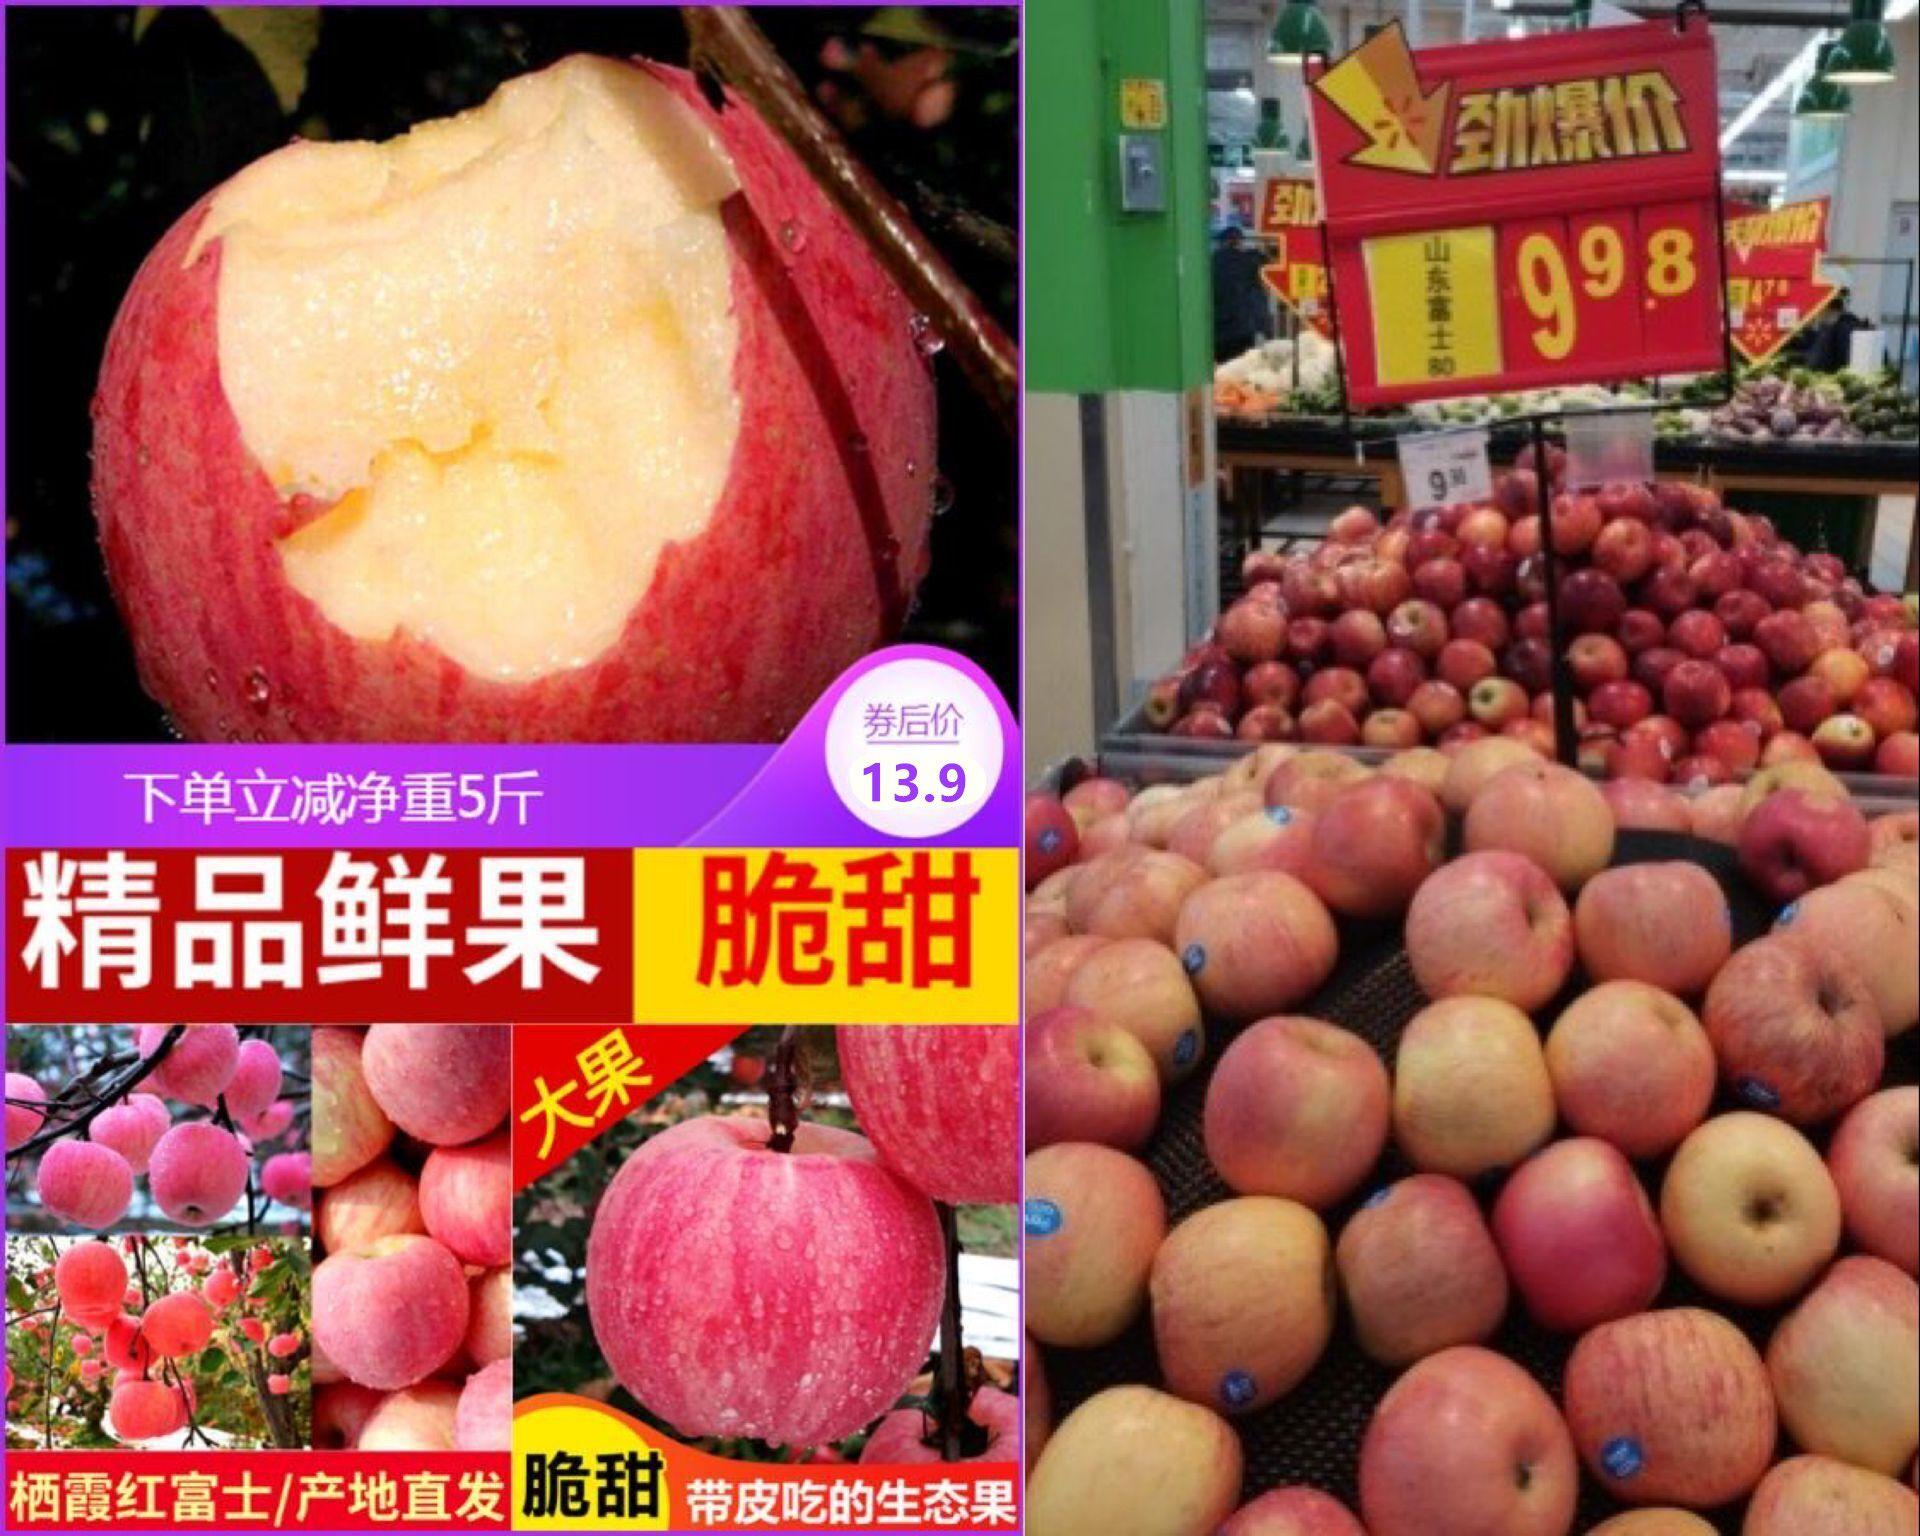 13.9撸【山西】红富士苹果5斤